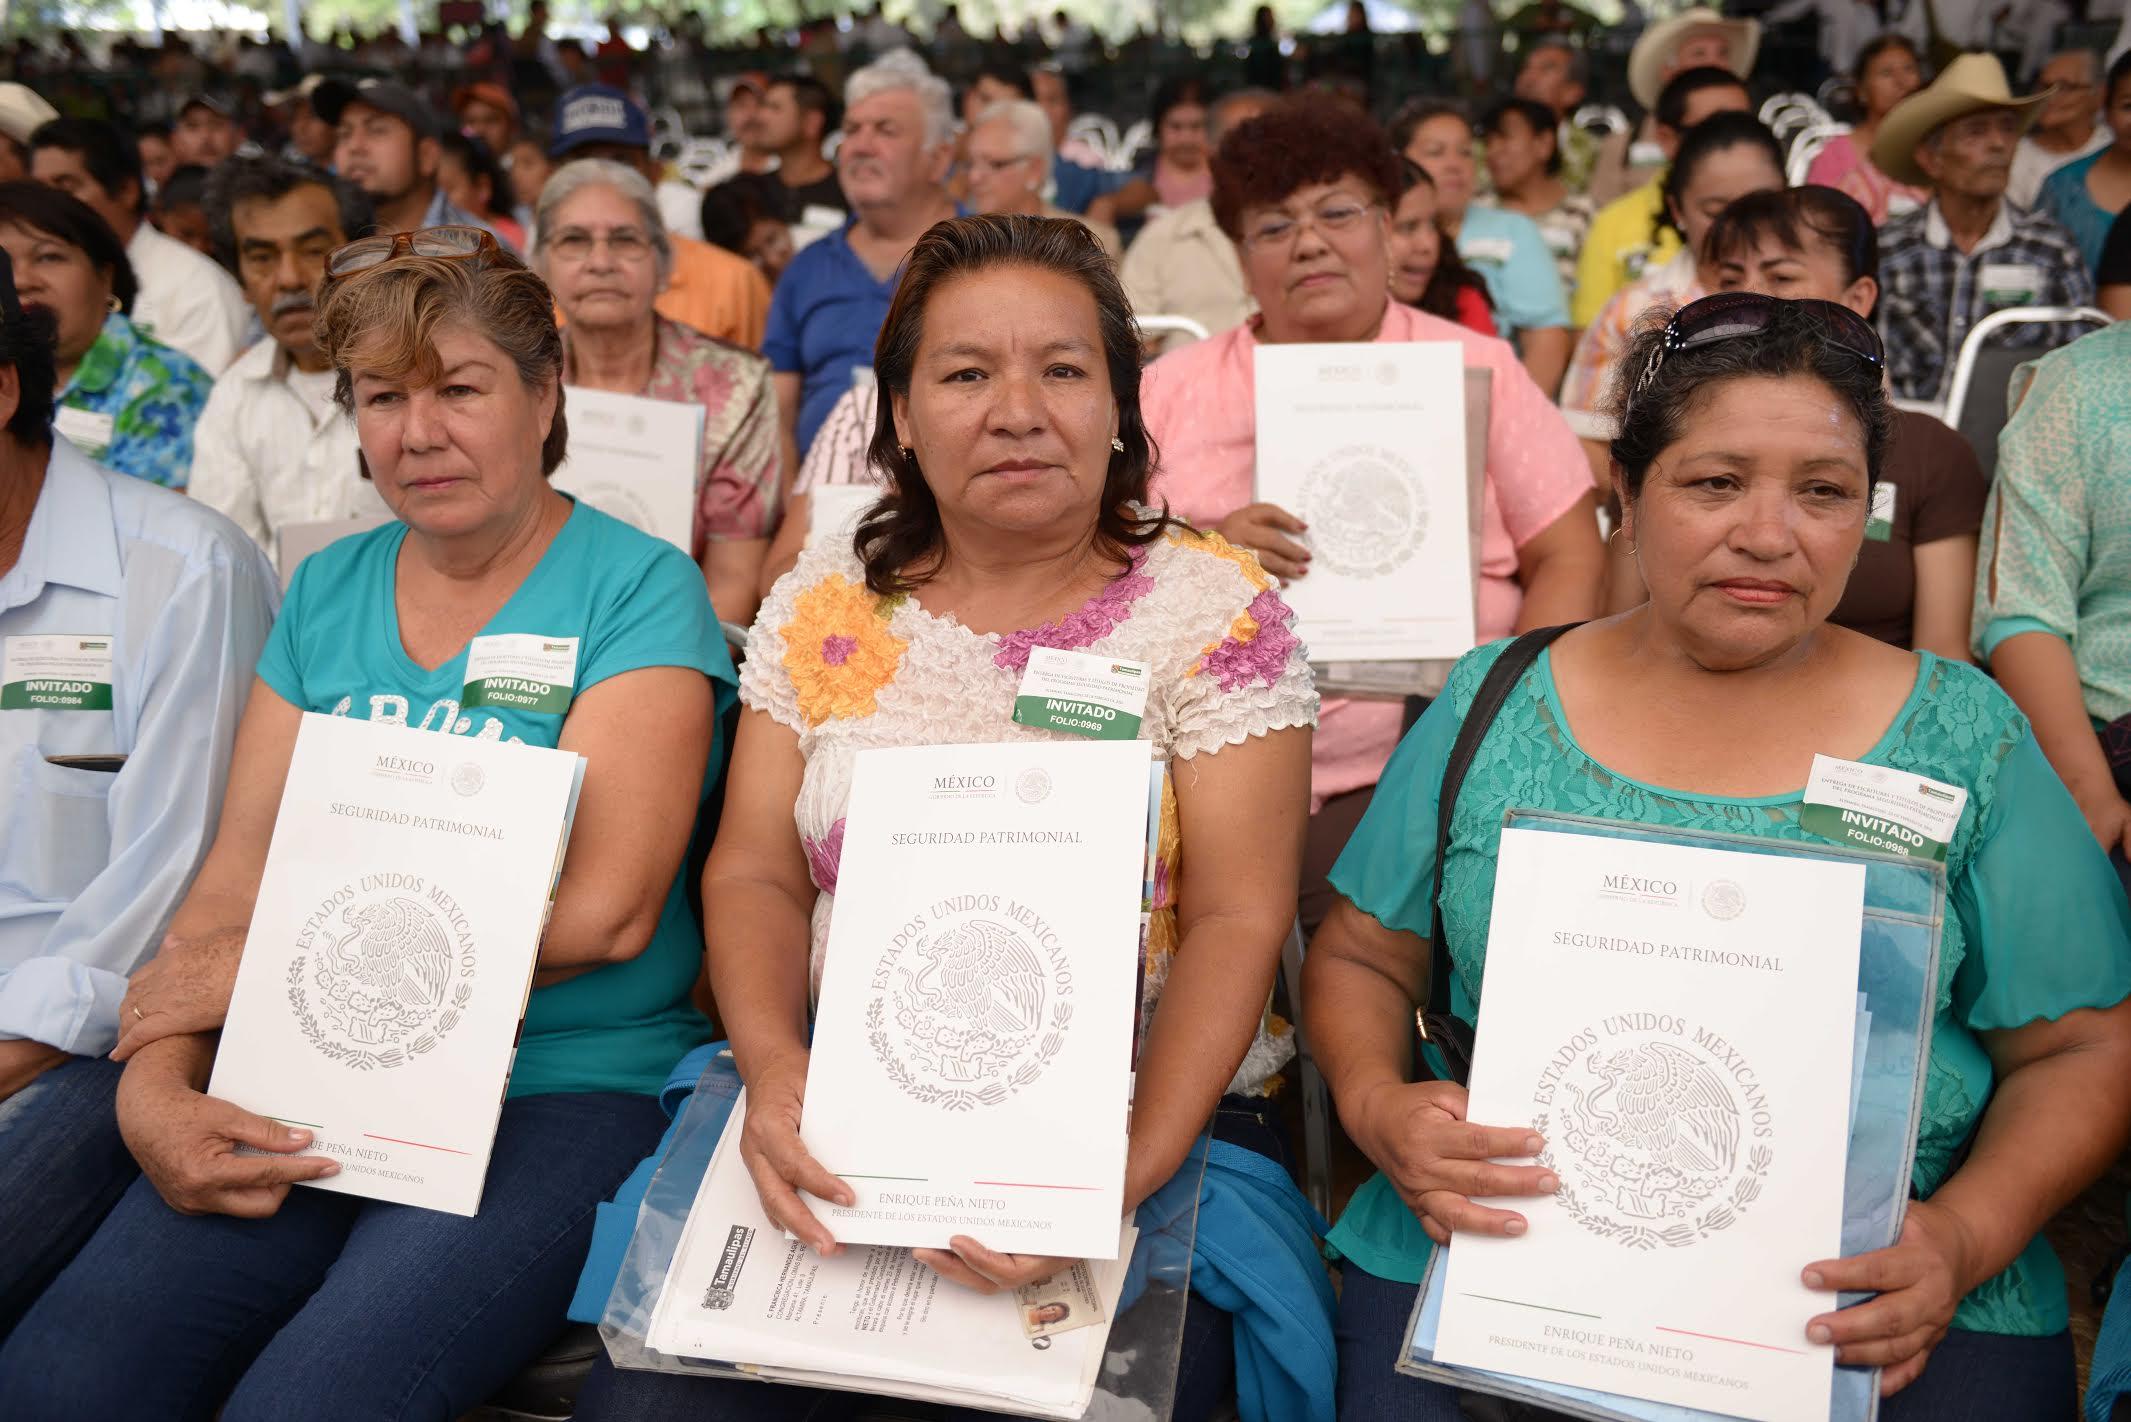 """""""Los documentos que hoy, aquí recibimos, tienen un gran valor ya que significan tranquilidad, seguridad y un incremento para nuestro patrimonio. Hoy, podemos decir, señor Presidente, que un pedacito de México por fin es nuestro""""."""